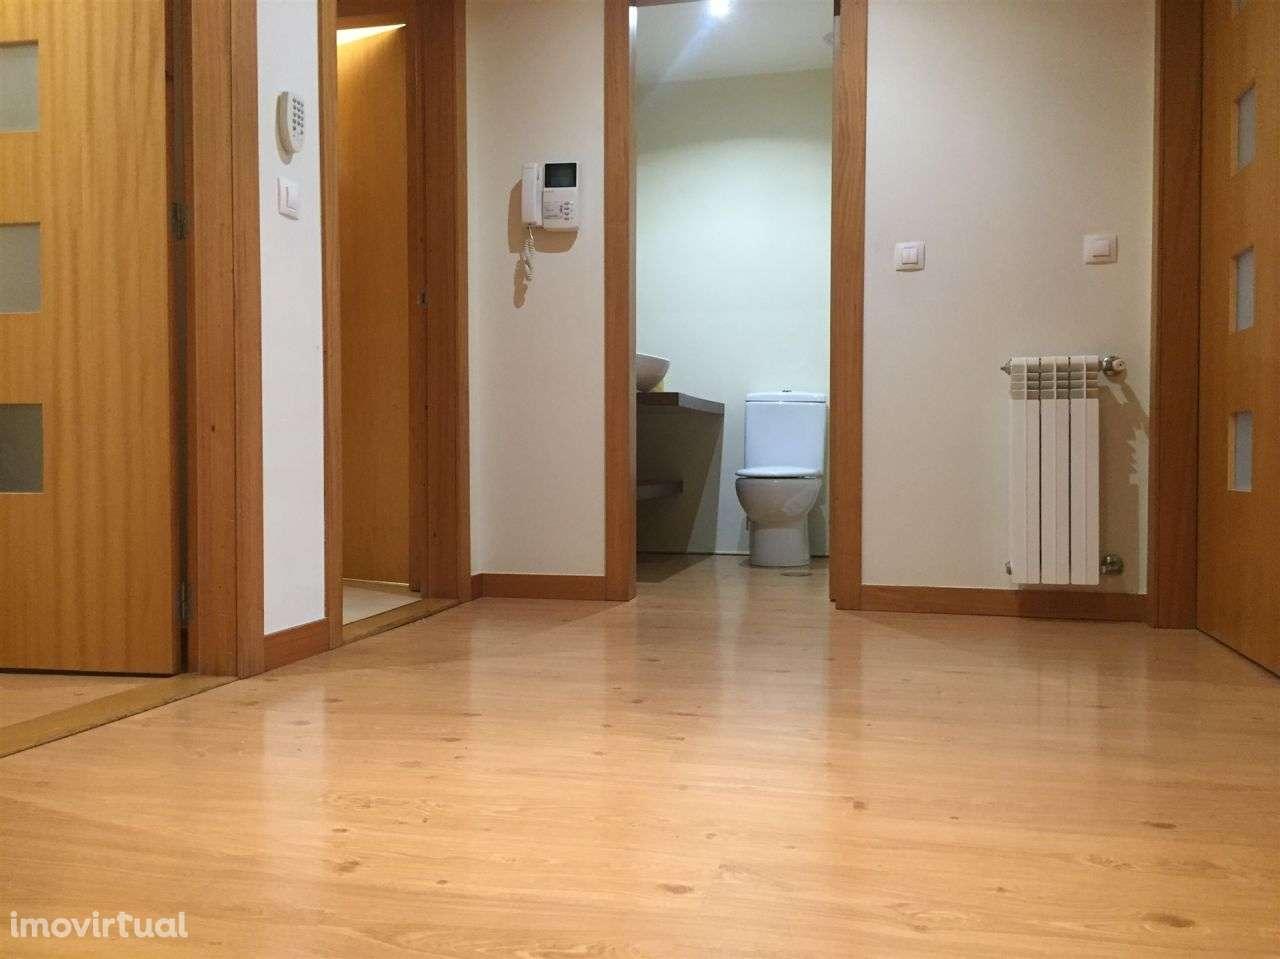 Apartamento para comprar, Pedrouços, Maia, Porto - Foto 7